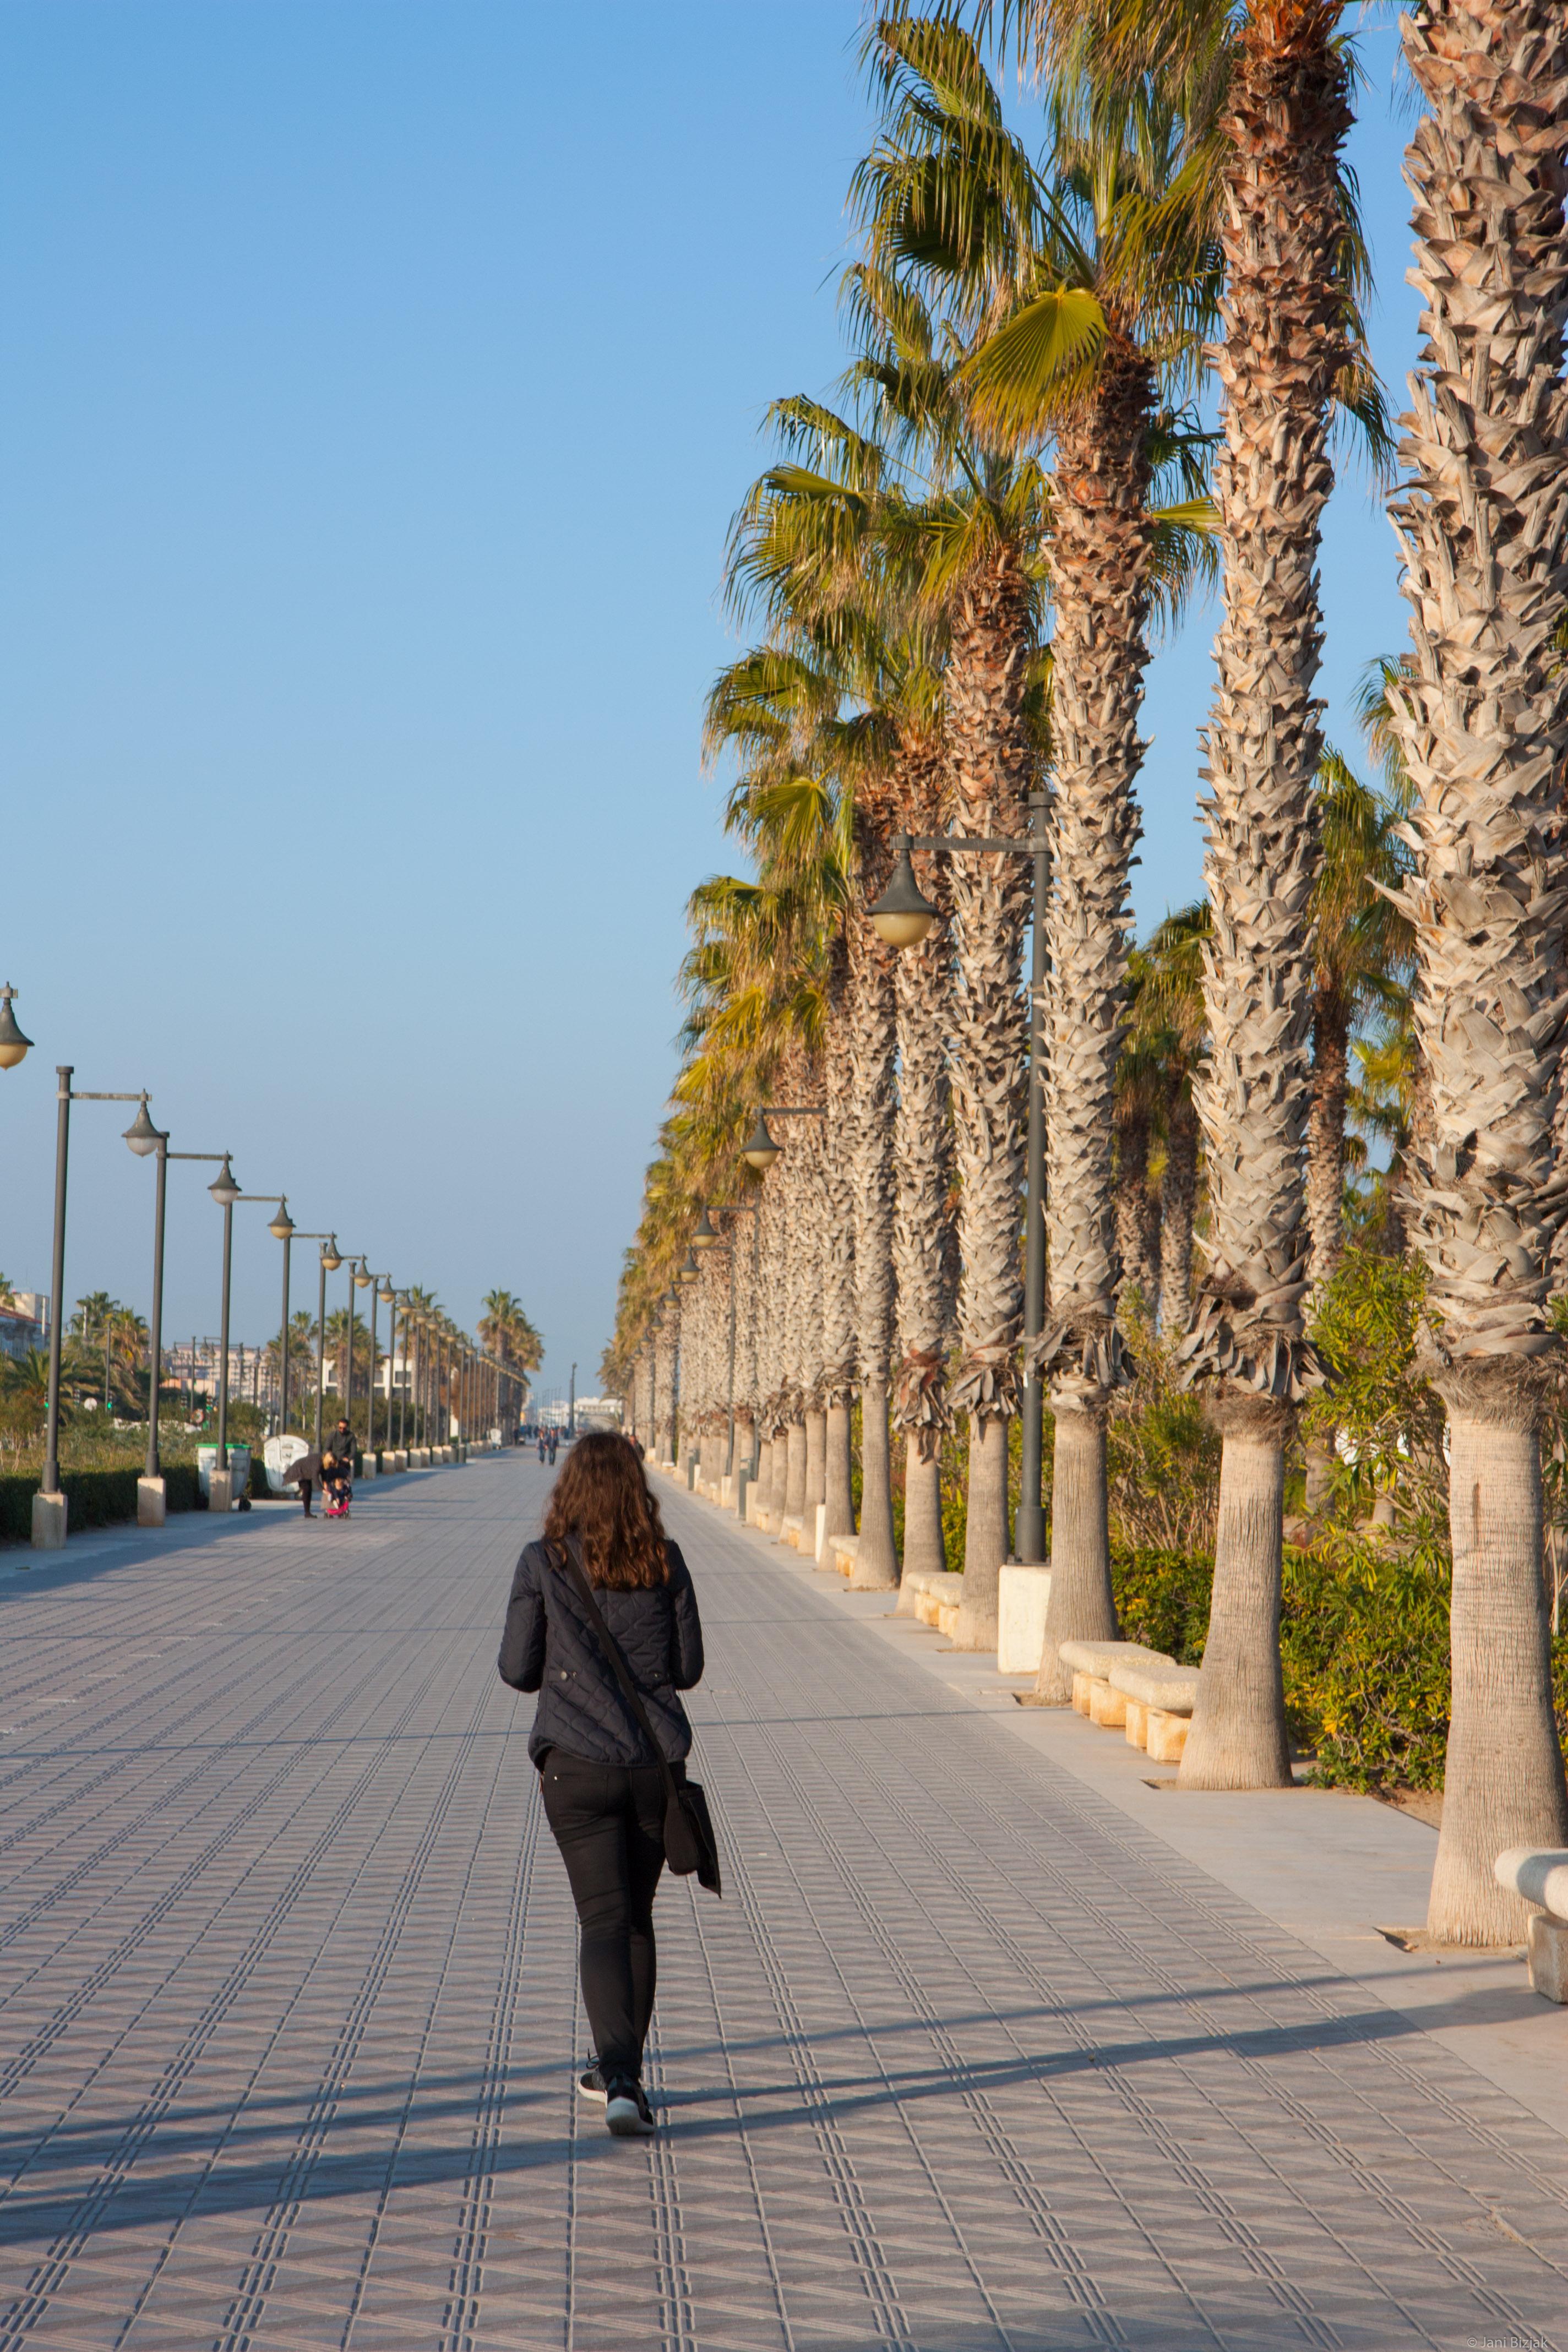 Paths alongside beach